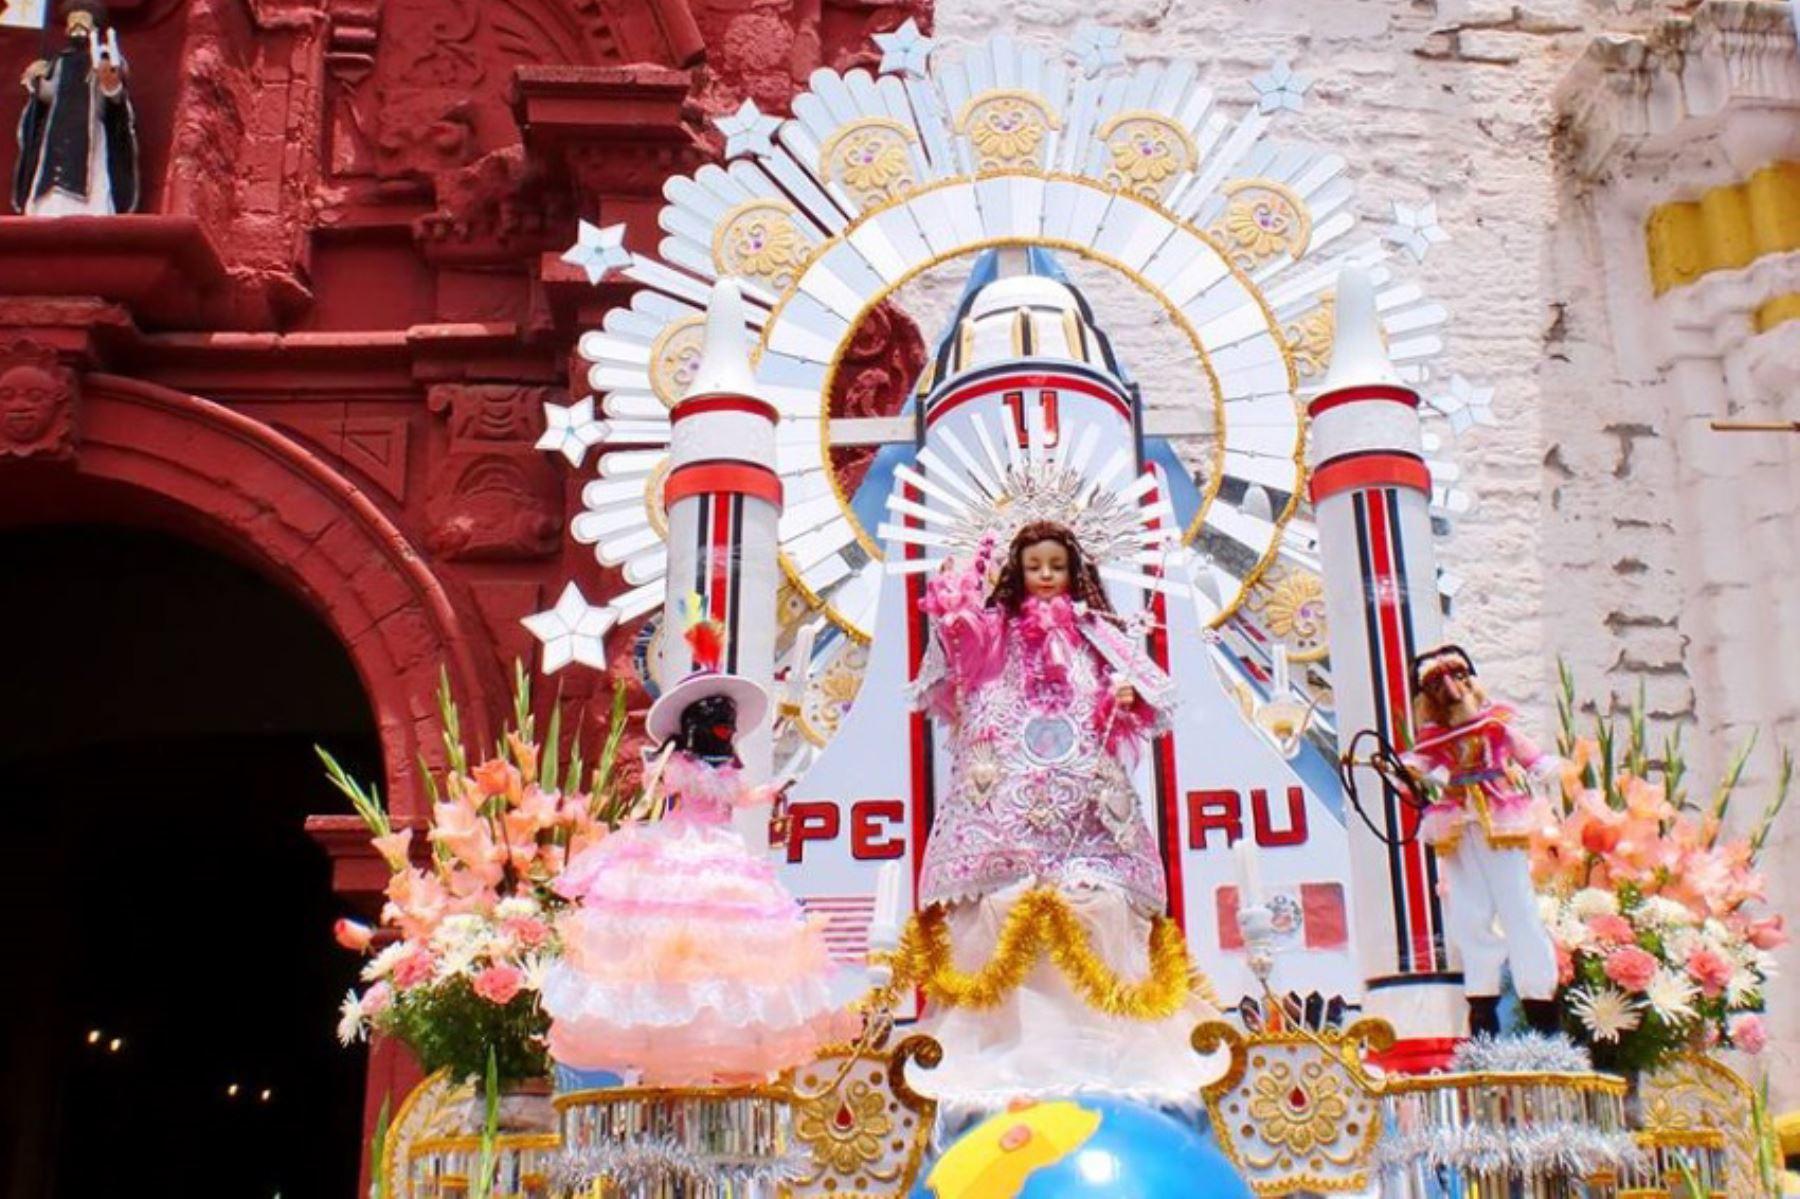 Festividad del Niño Dulce Nombre de Jesús, también conocido como Niño Perdido, en la ciudad de Huancavelica.